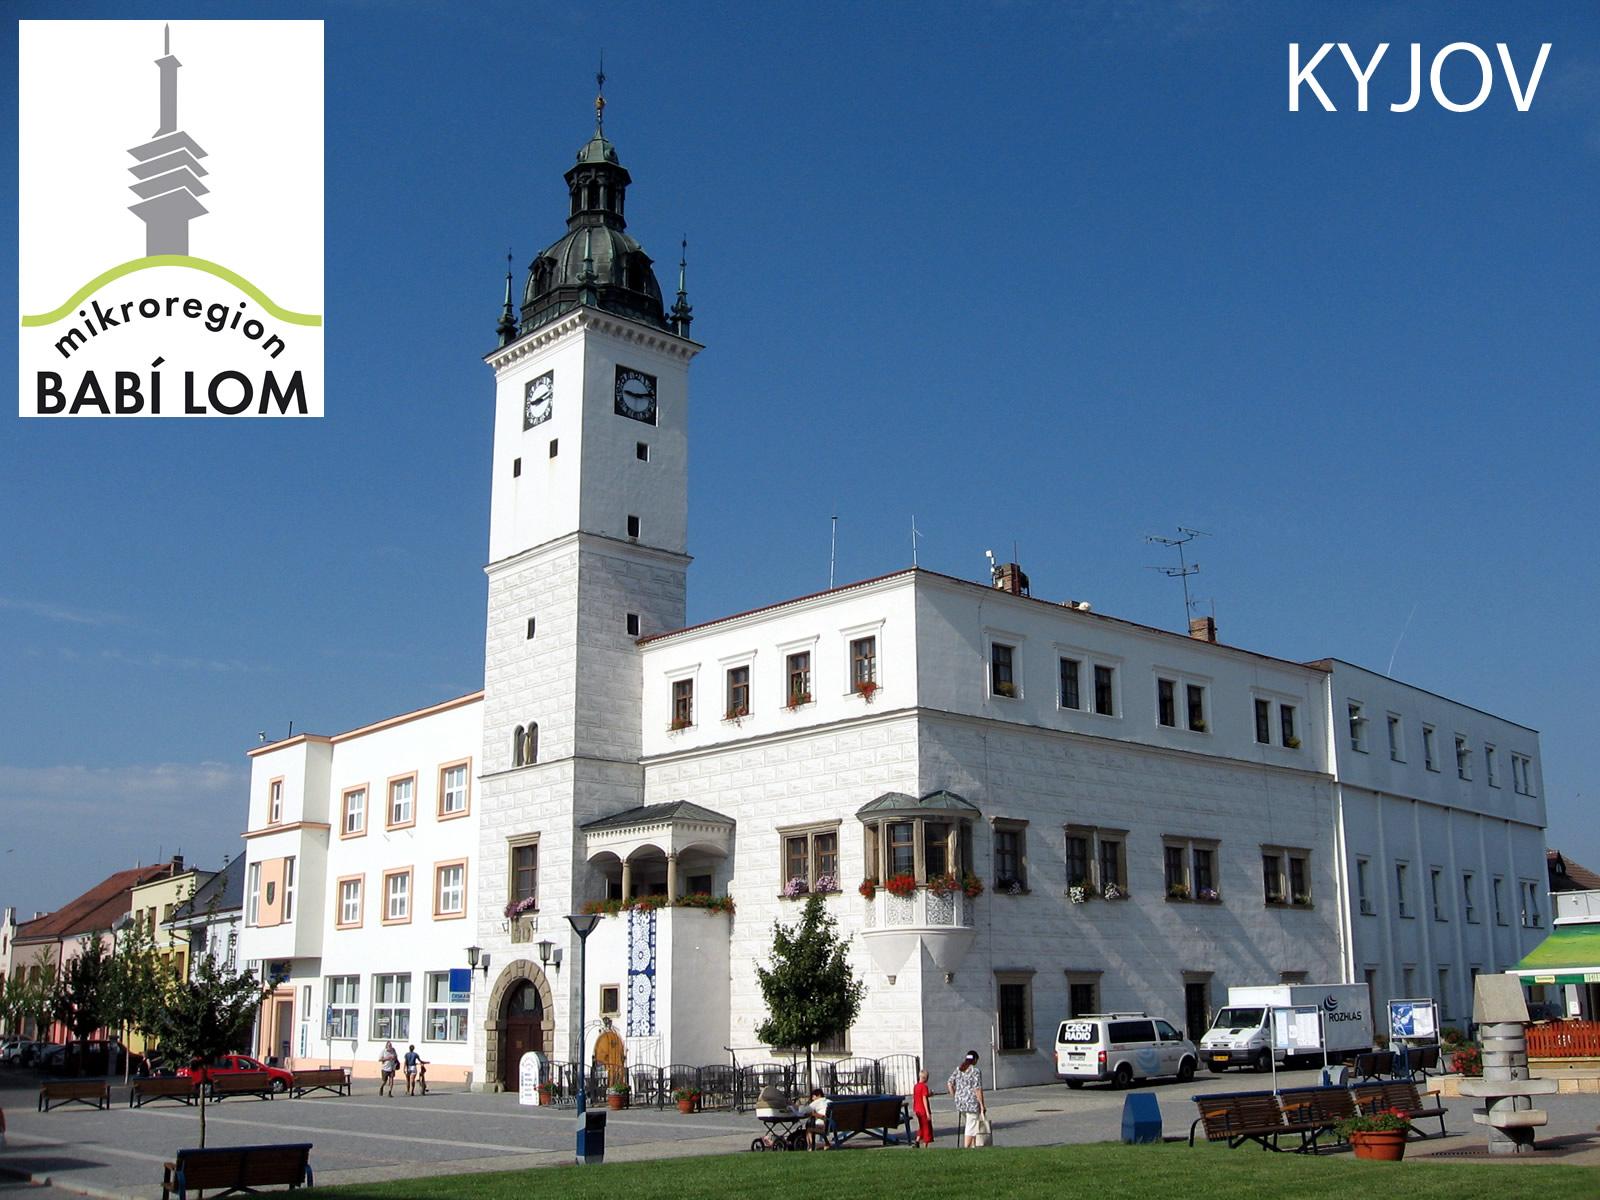 1-Kyjov